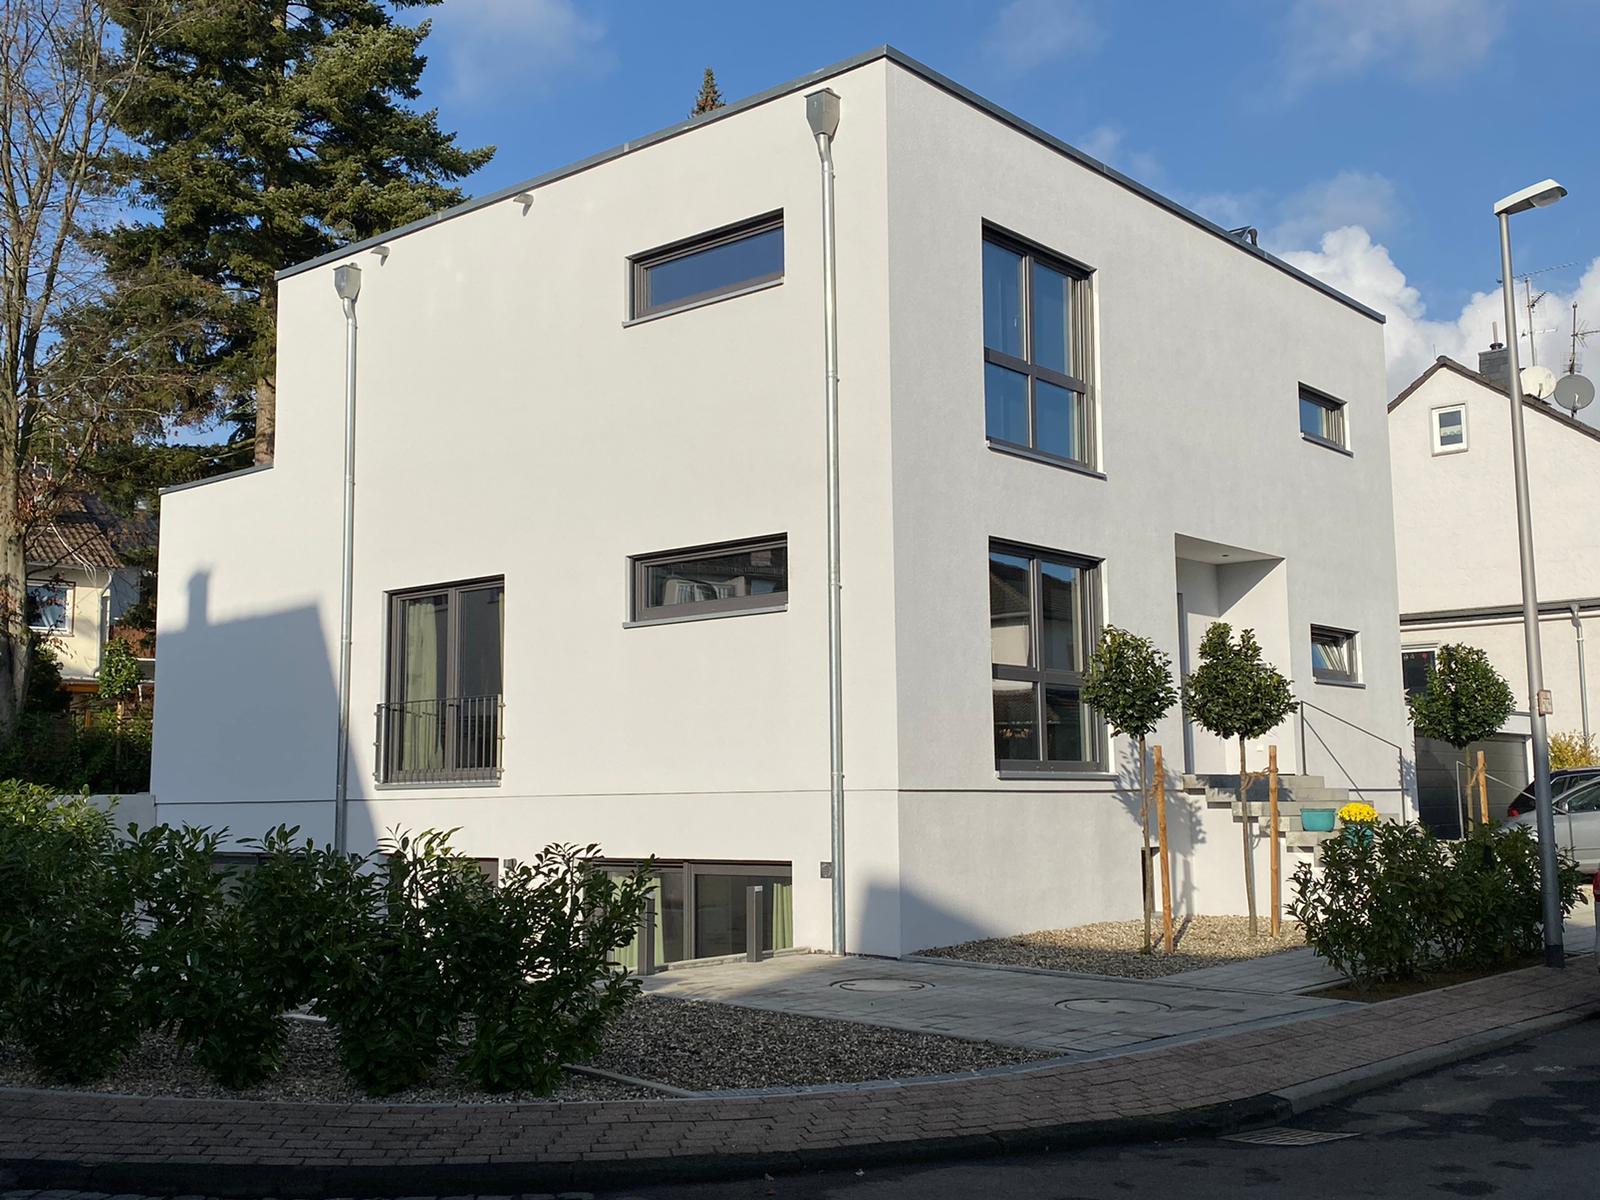 Hanse Haus - Michael Springer   Projekt 01